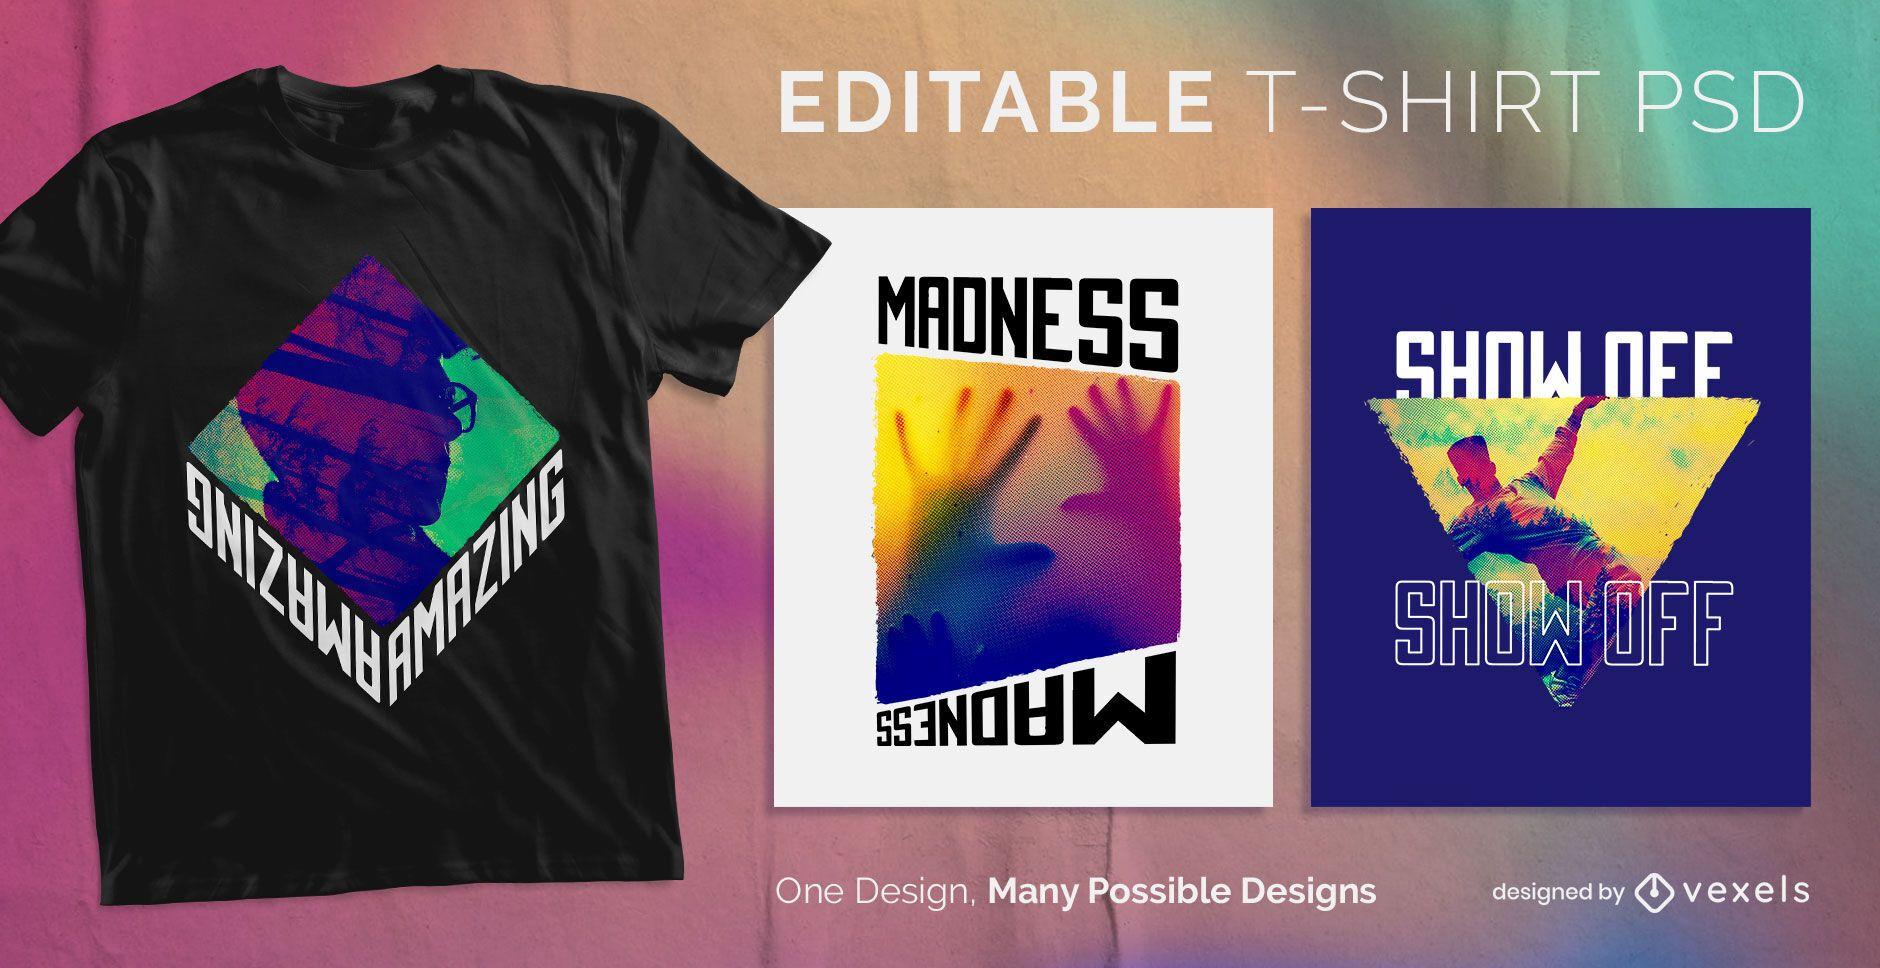 CMYK scalable t-shirt psd